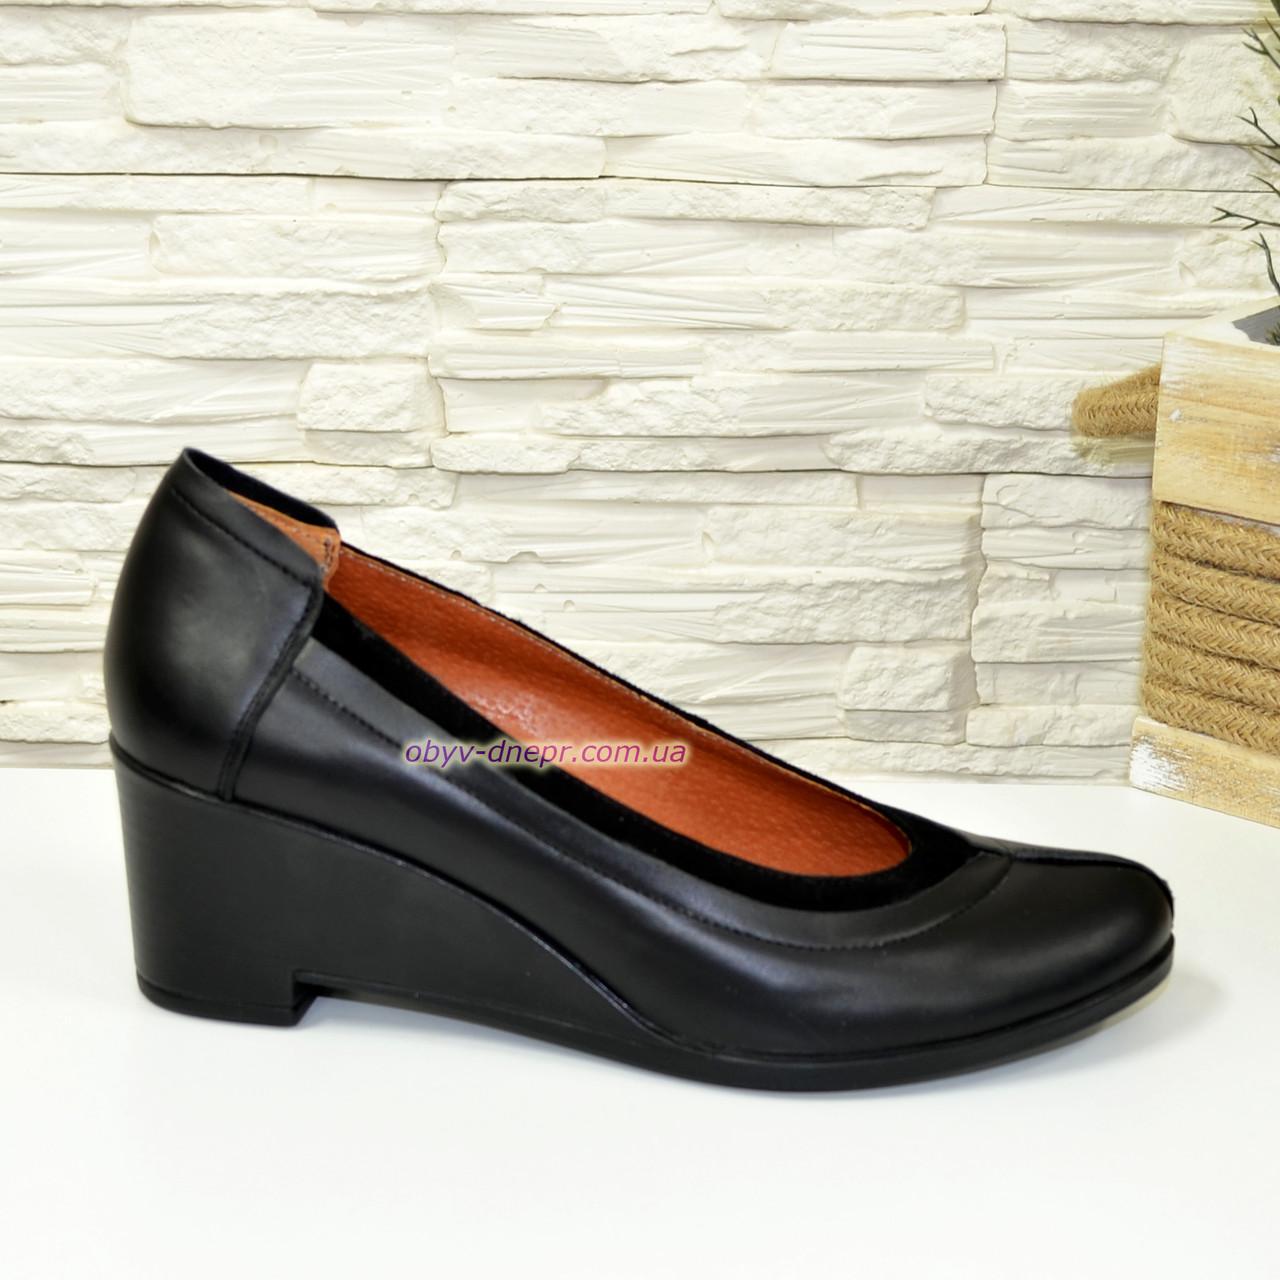 Женские кожаные туфли на удобной танкетке